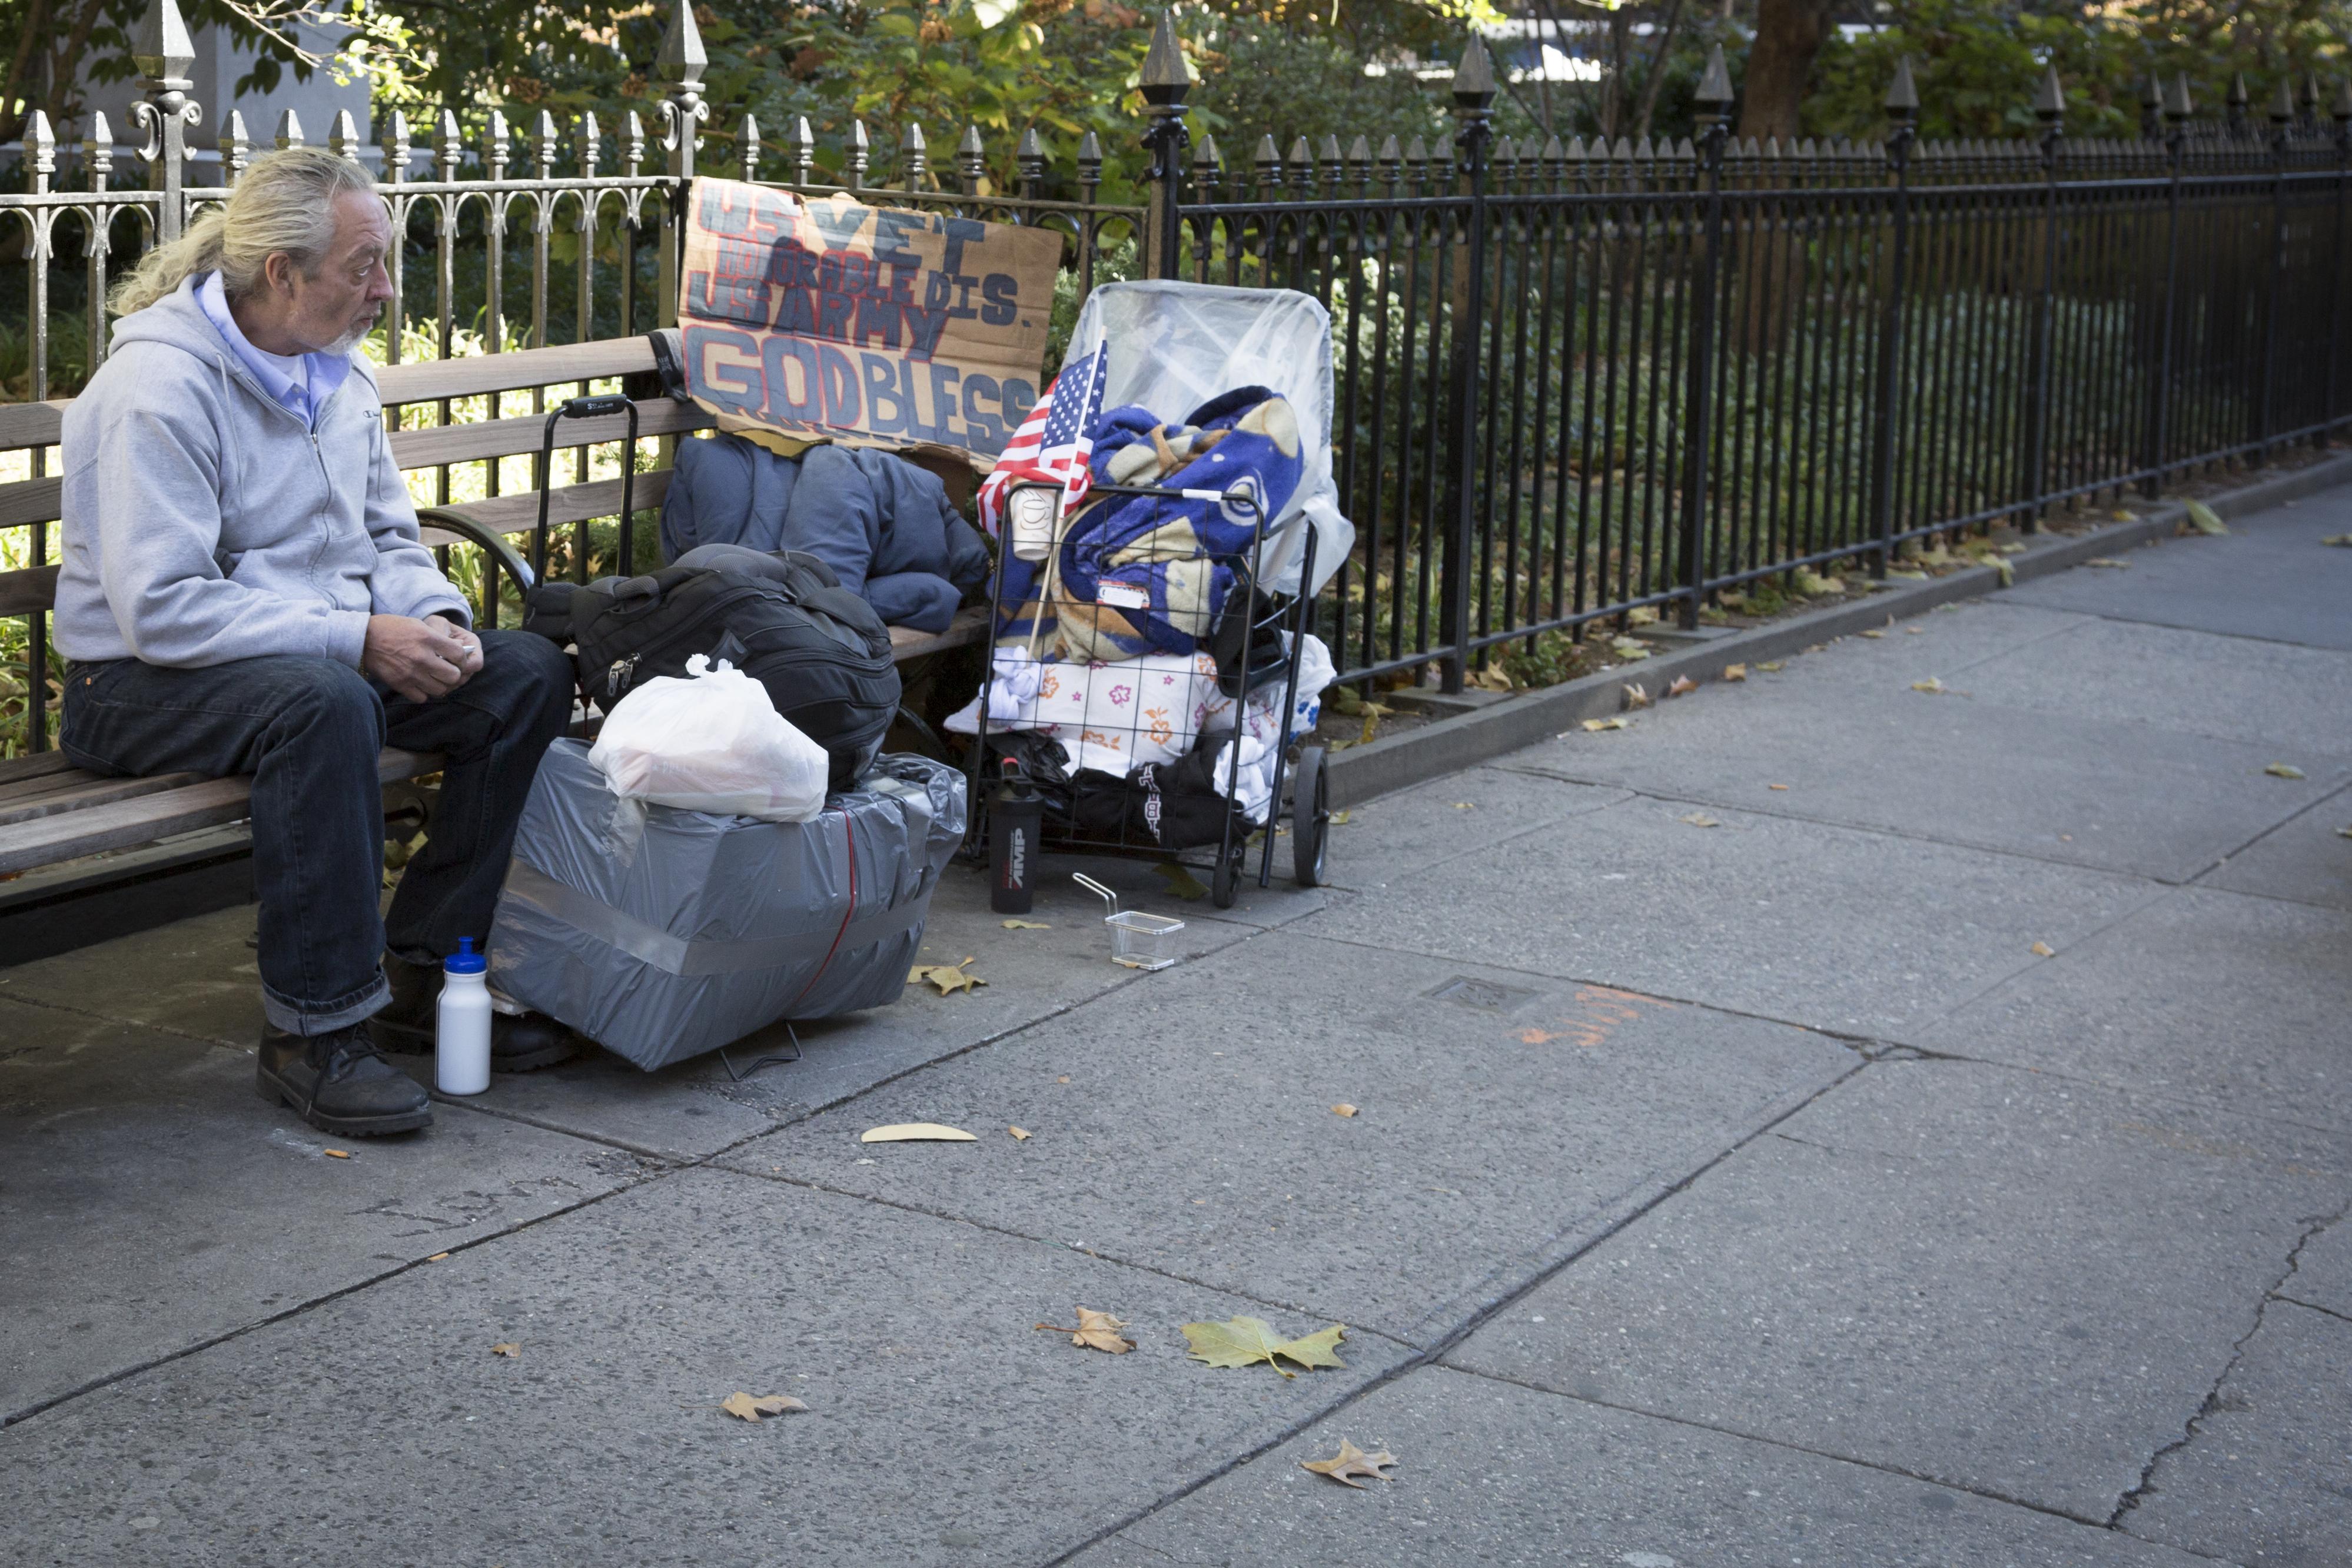 Homeless veteran. Shutterstock